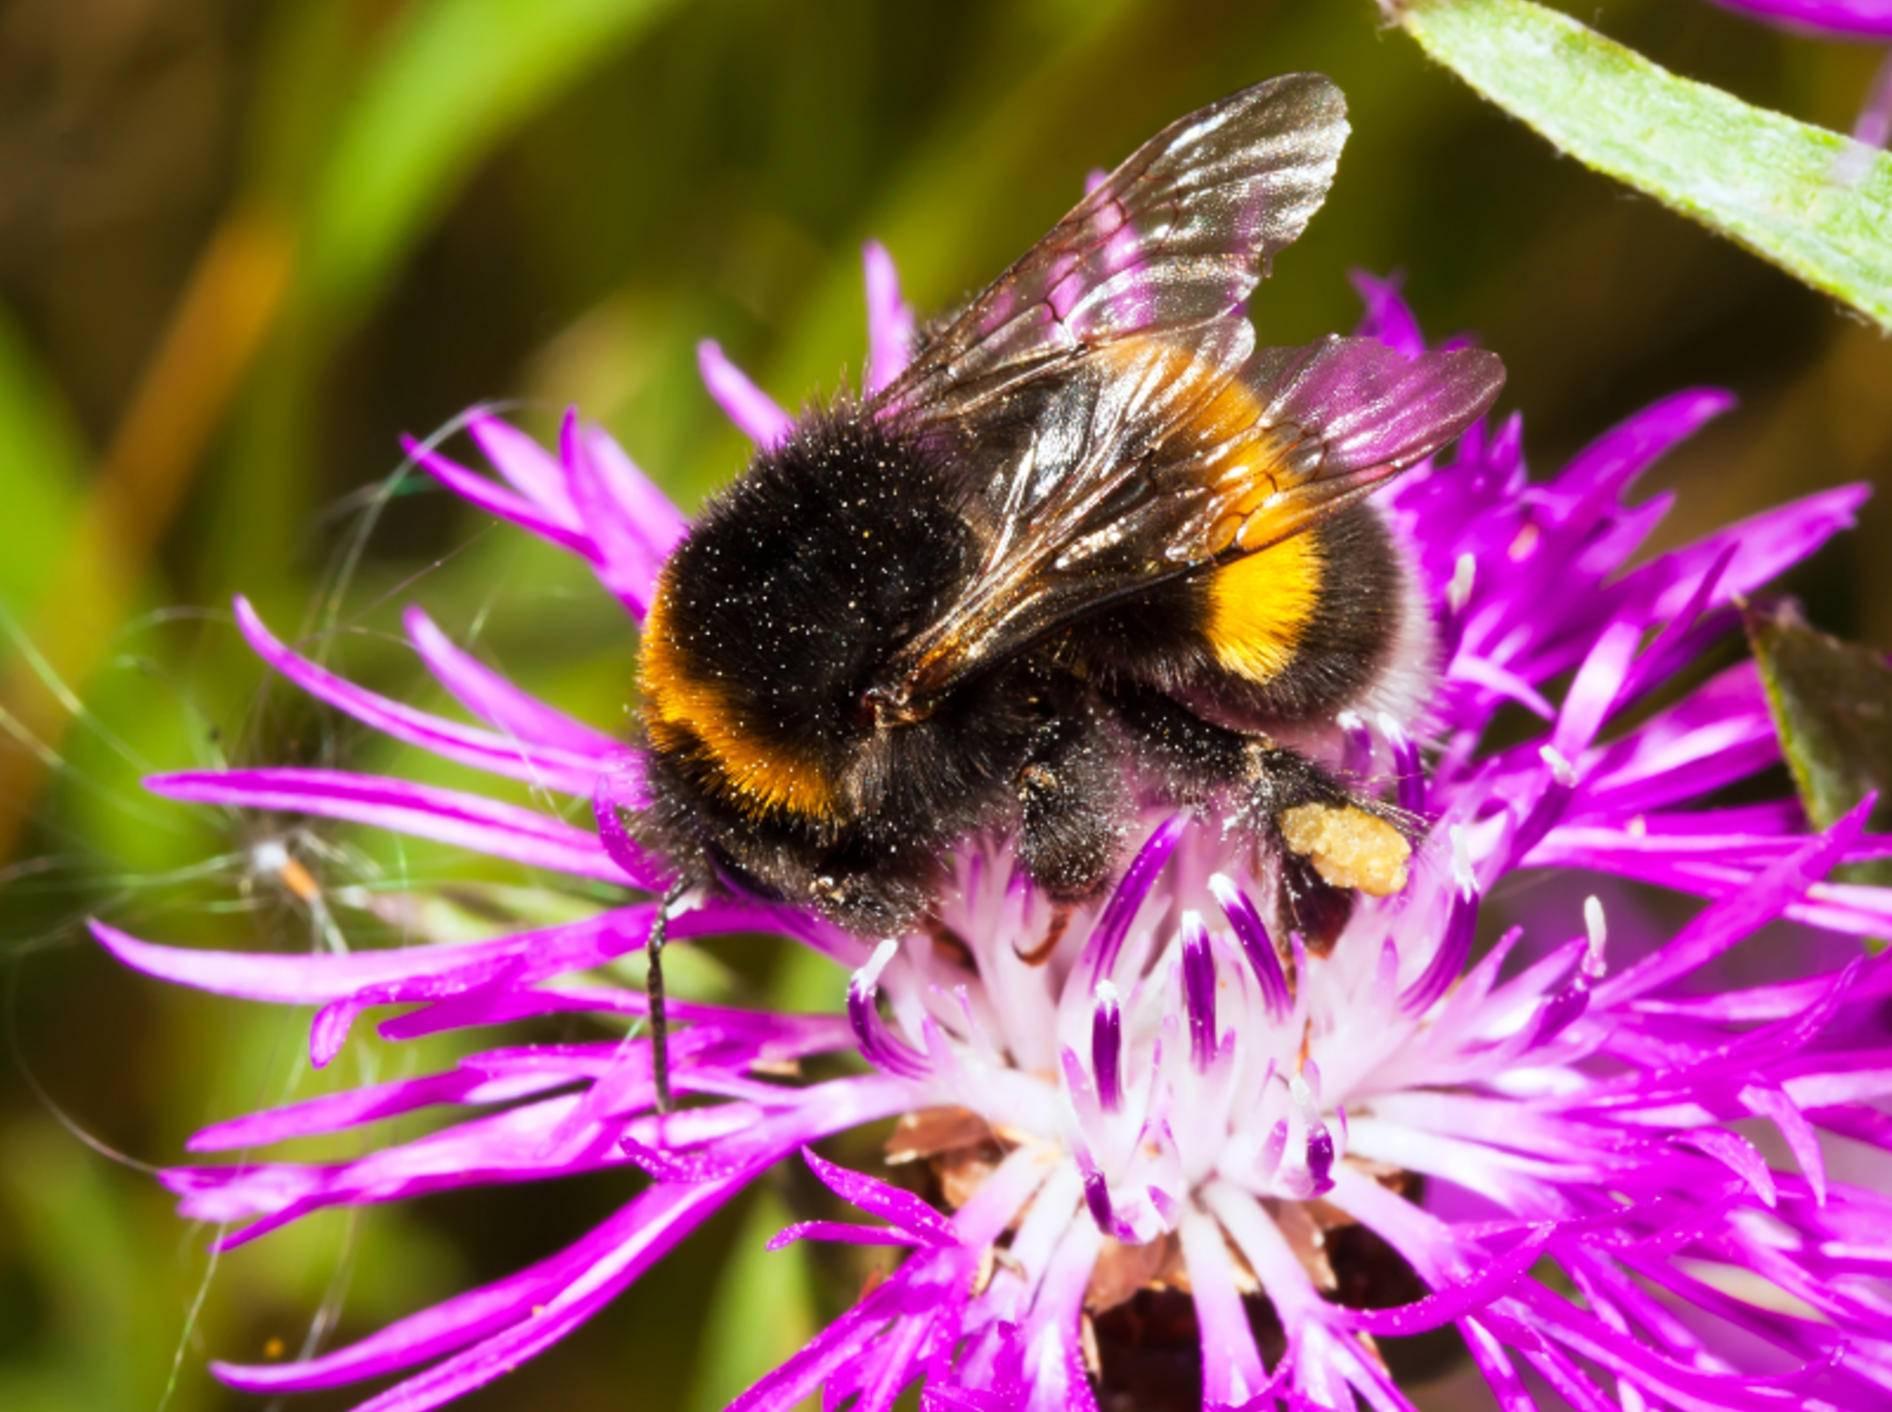 Hummeln gehören zur Familie der Echten Bienen – Bild: Shutterstock / Sailorr